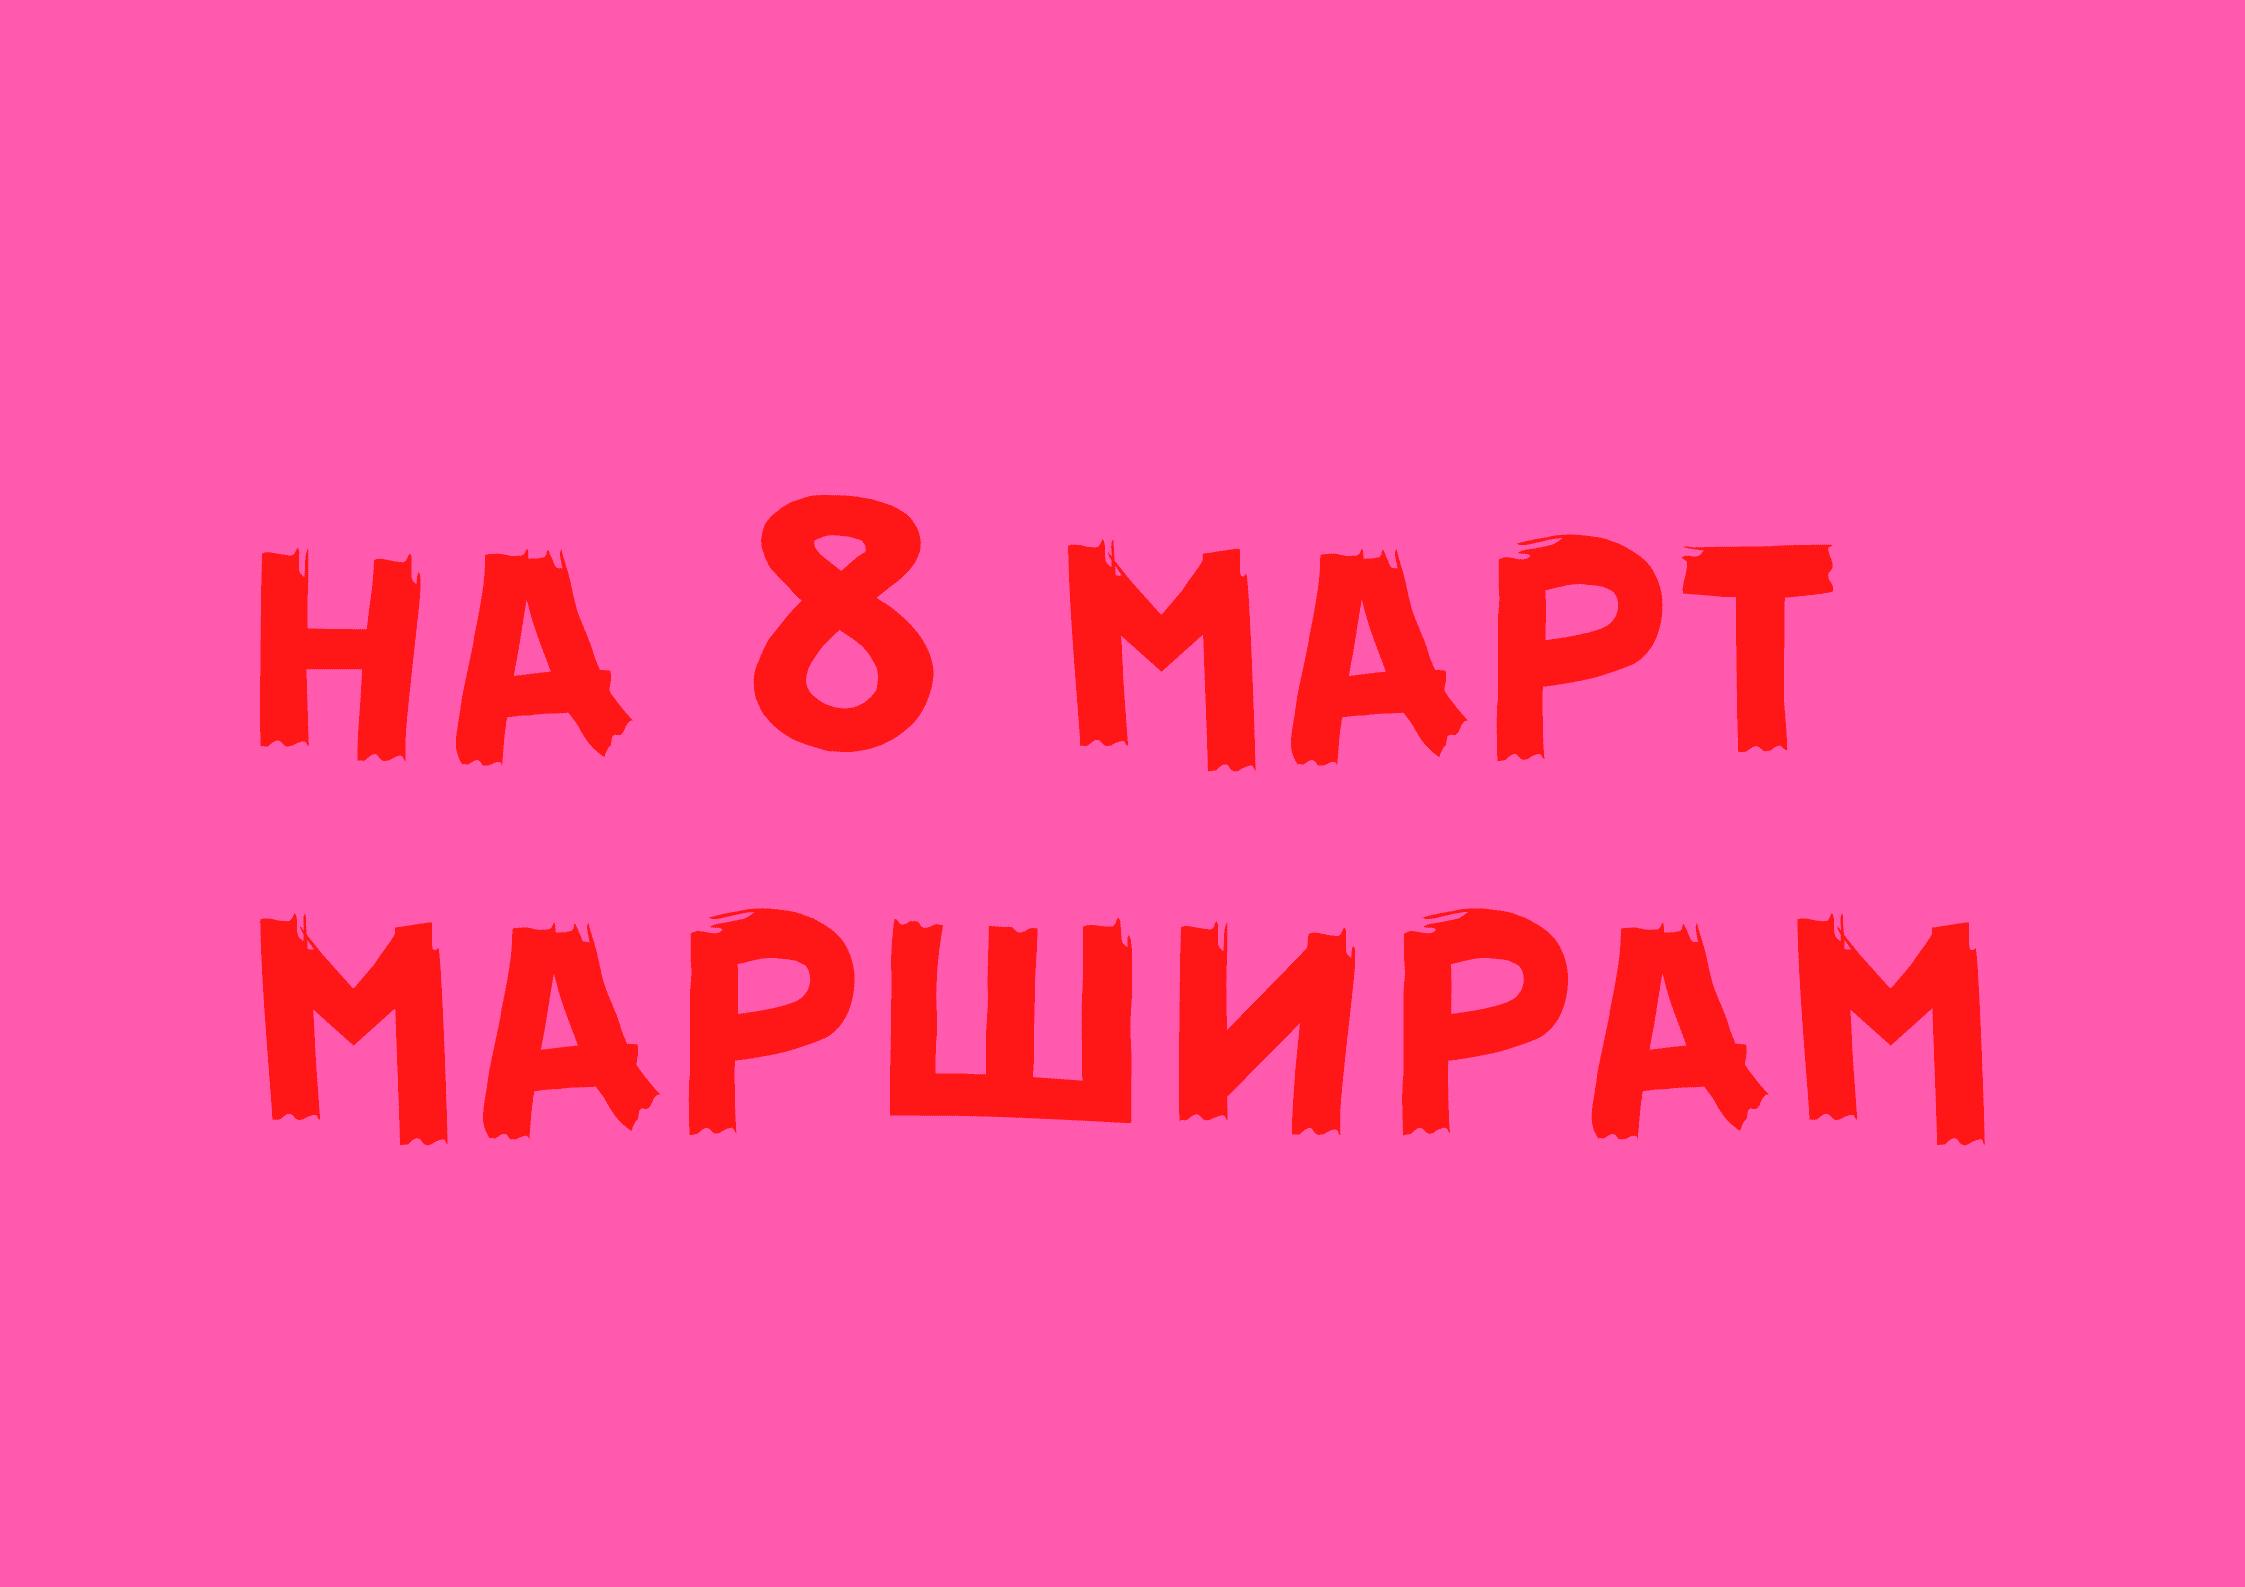 na 8 mart marshiram